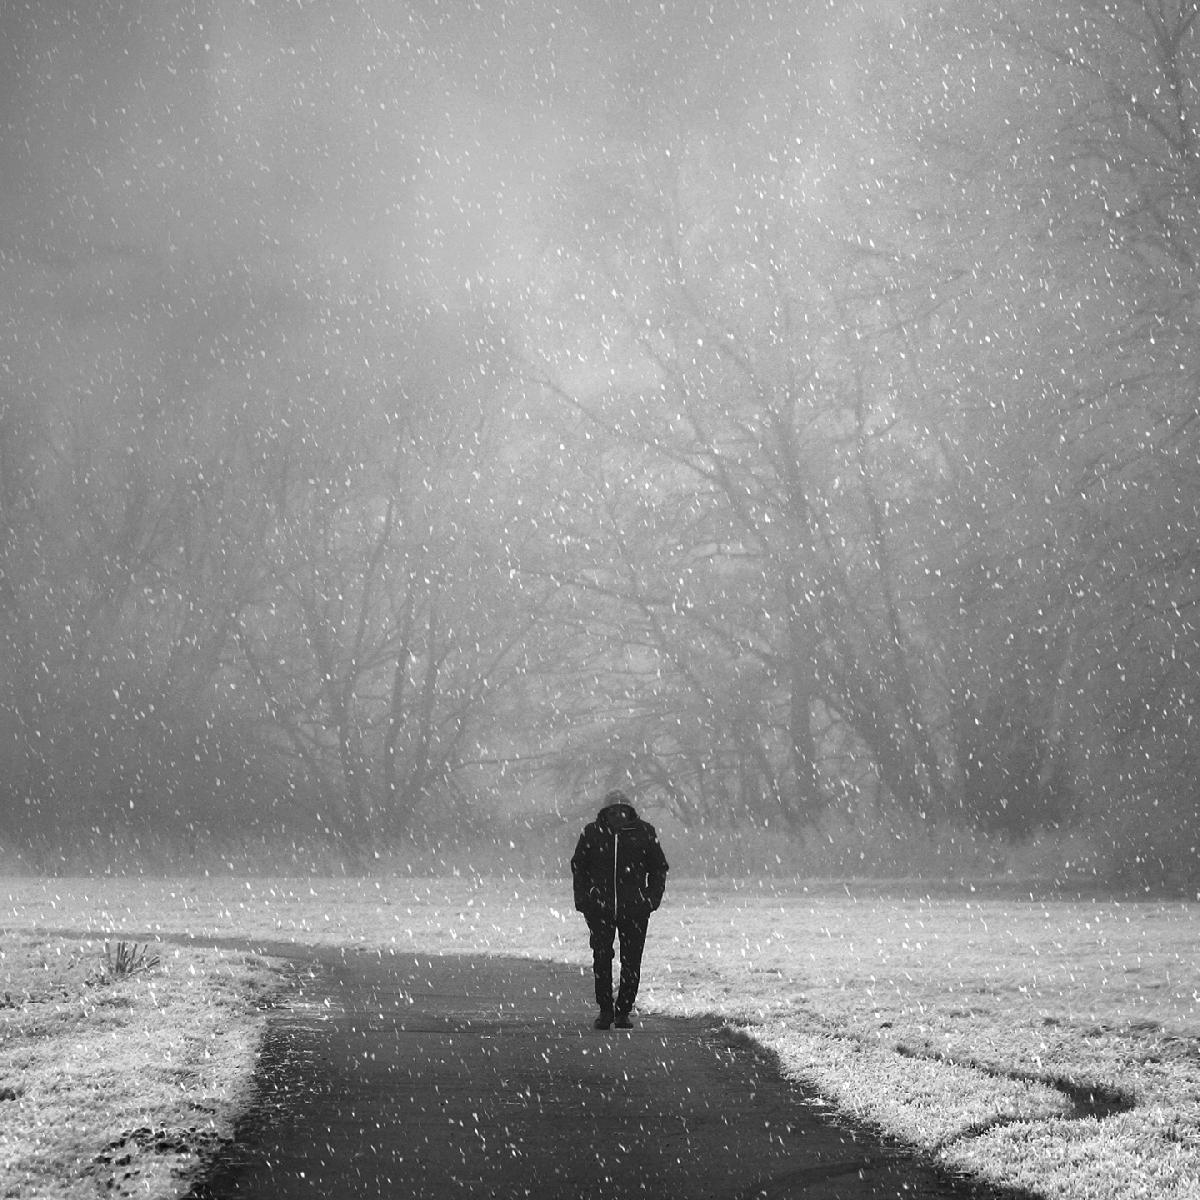 تصاویر نگارخانه متن نگار , تنهایی